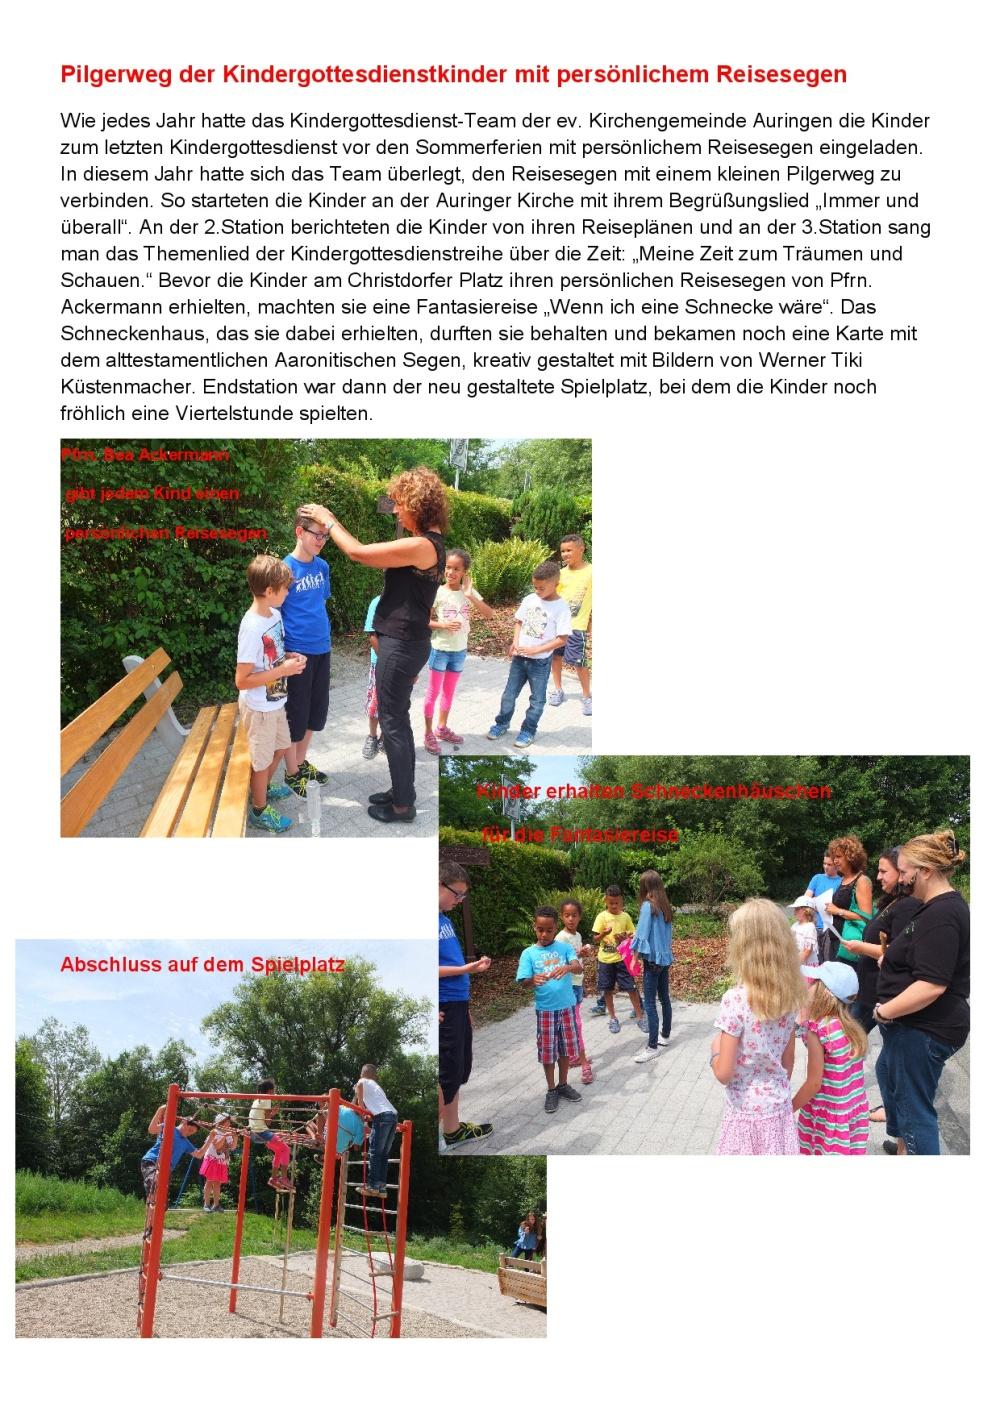 2015-07-12 Pilgerweg mit Reisesegen-001